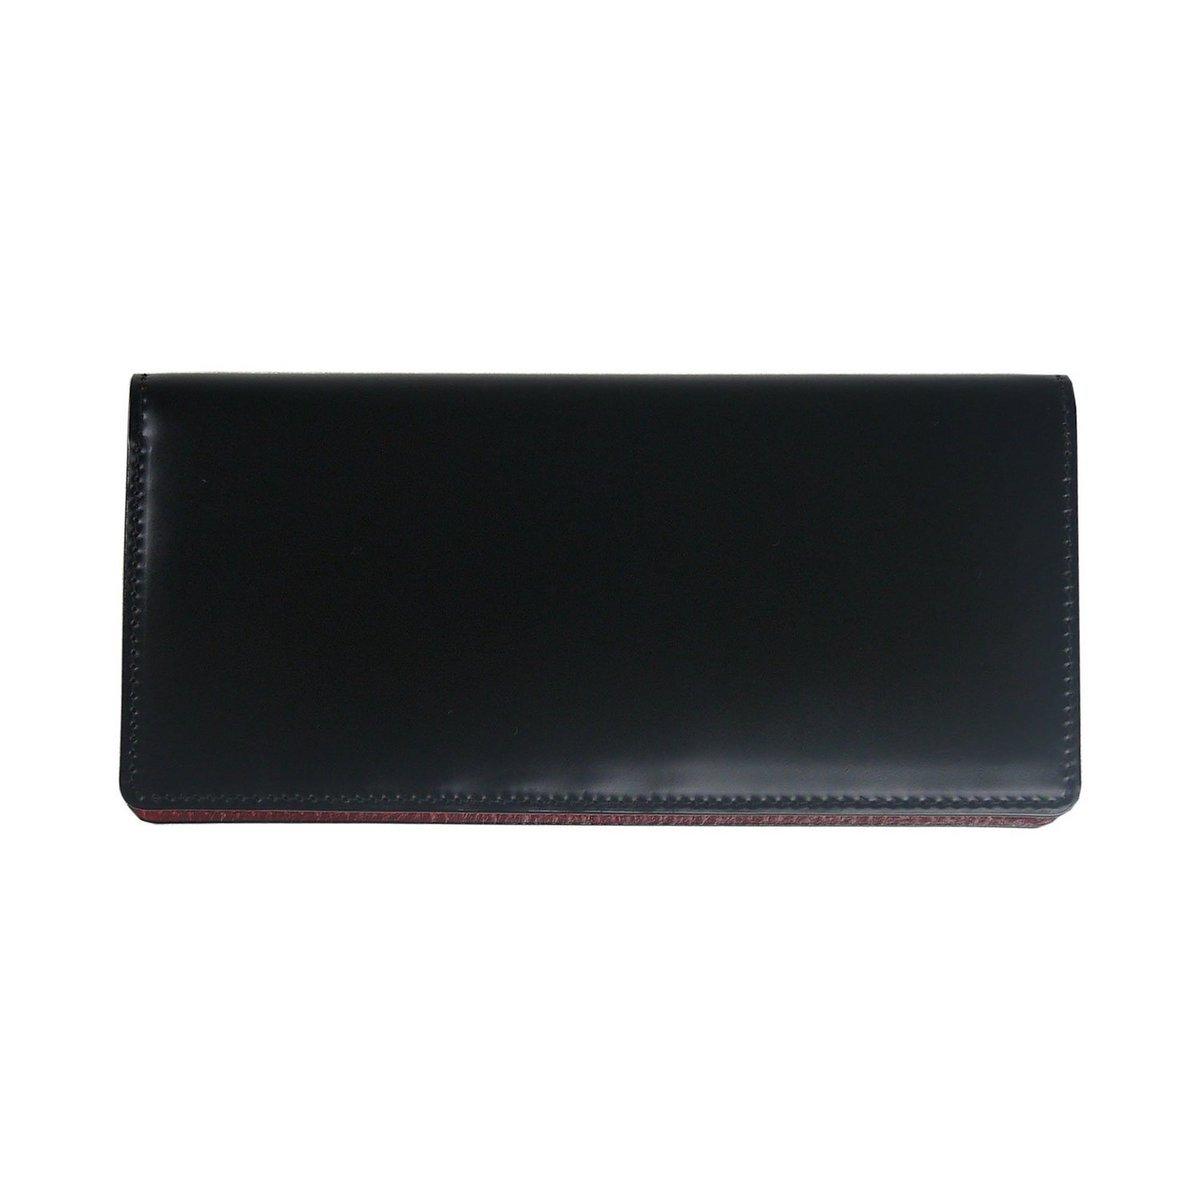 (コードバン)CORDOVAN 日本製 長財布 小銭入れなし/ly1000 B01AL93CLS ブラック ブラック